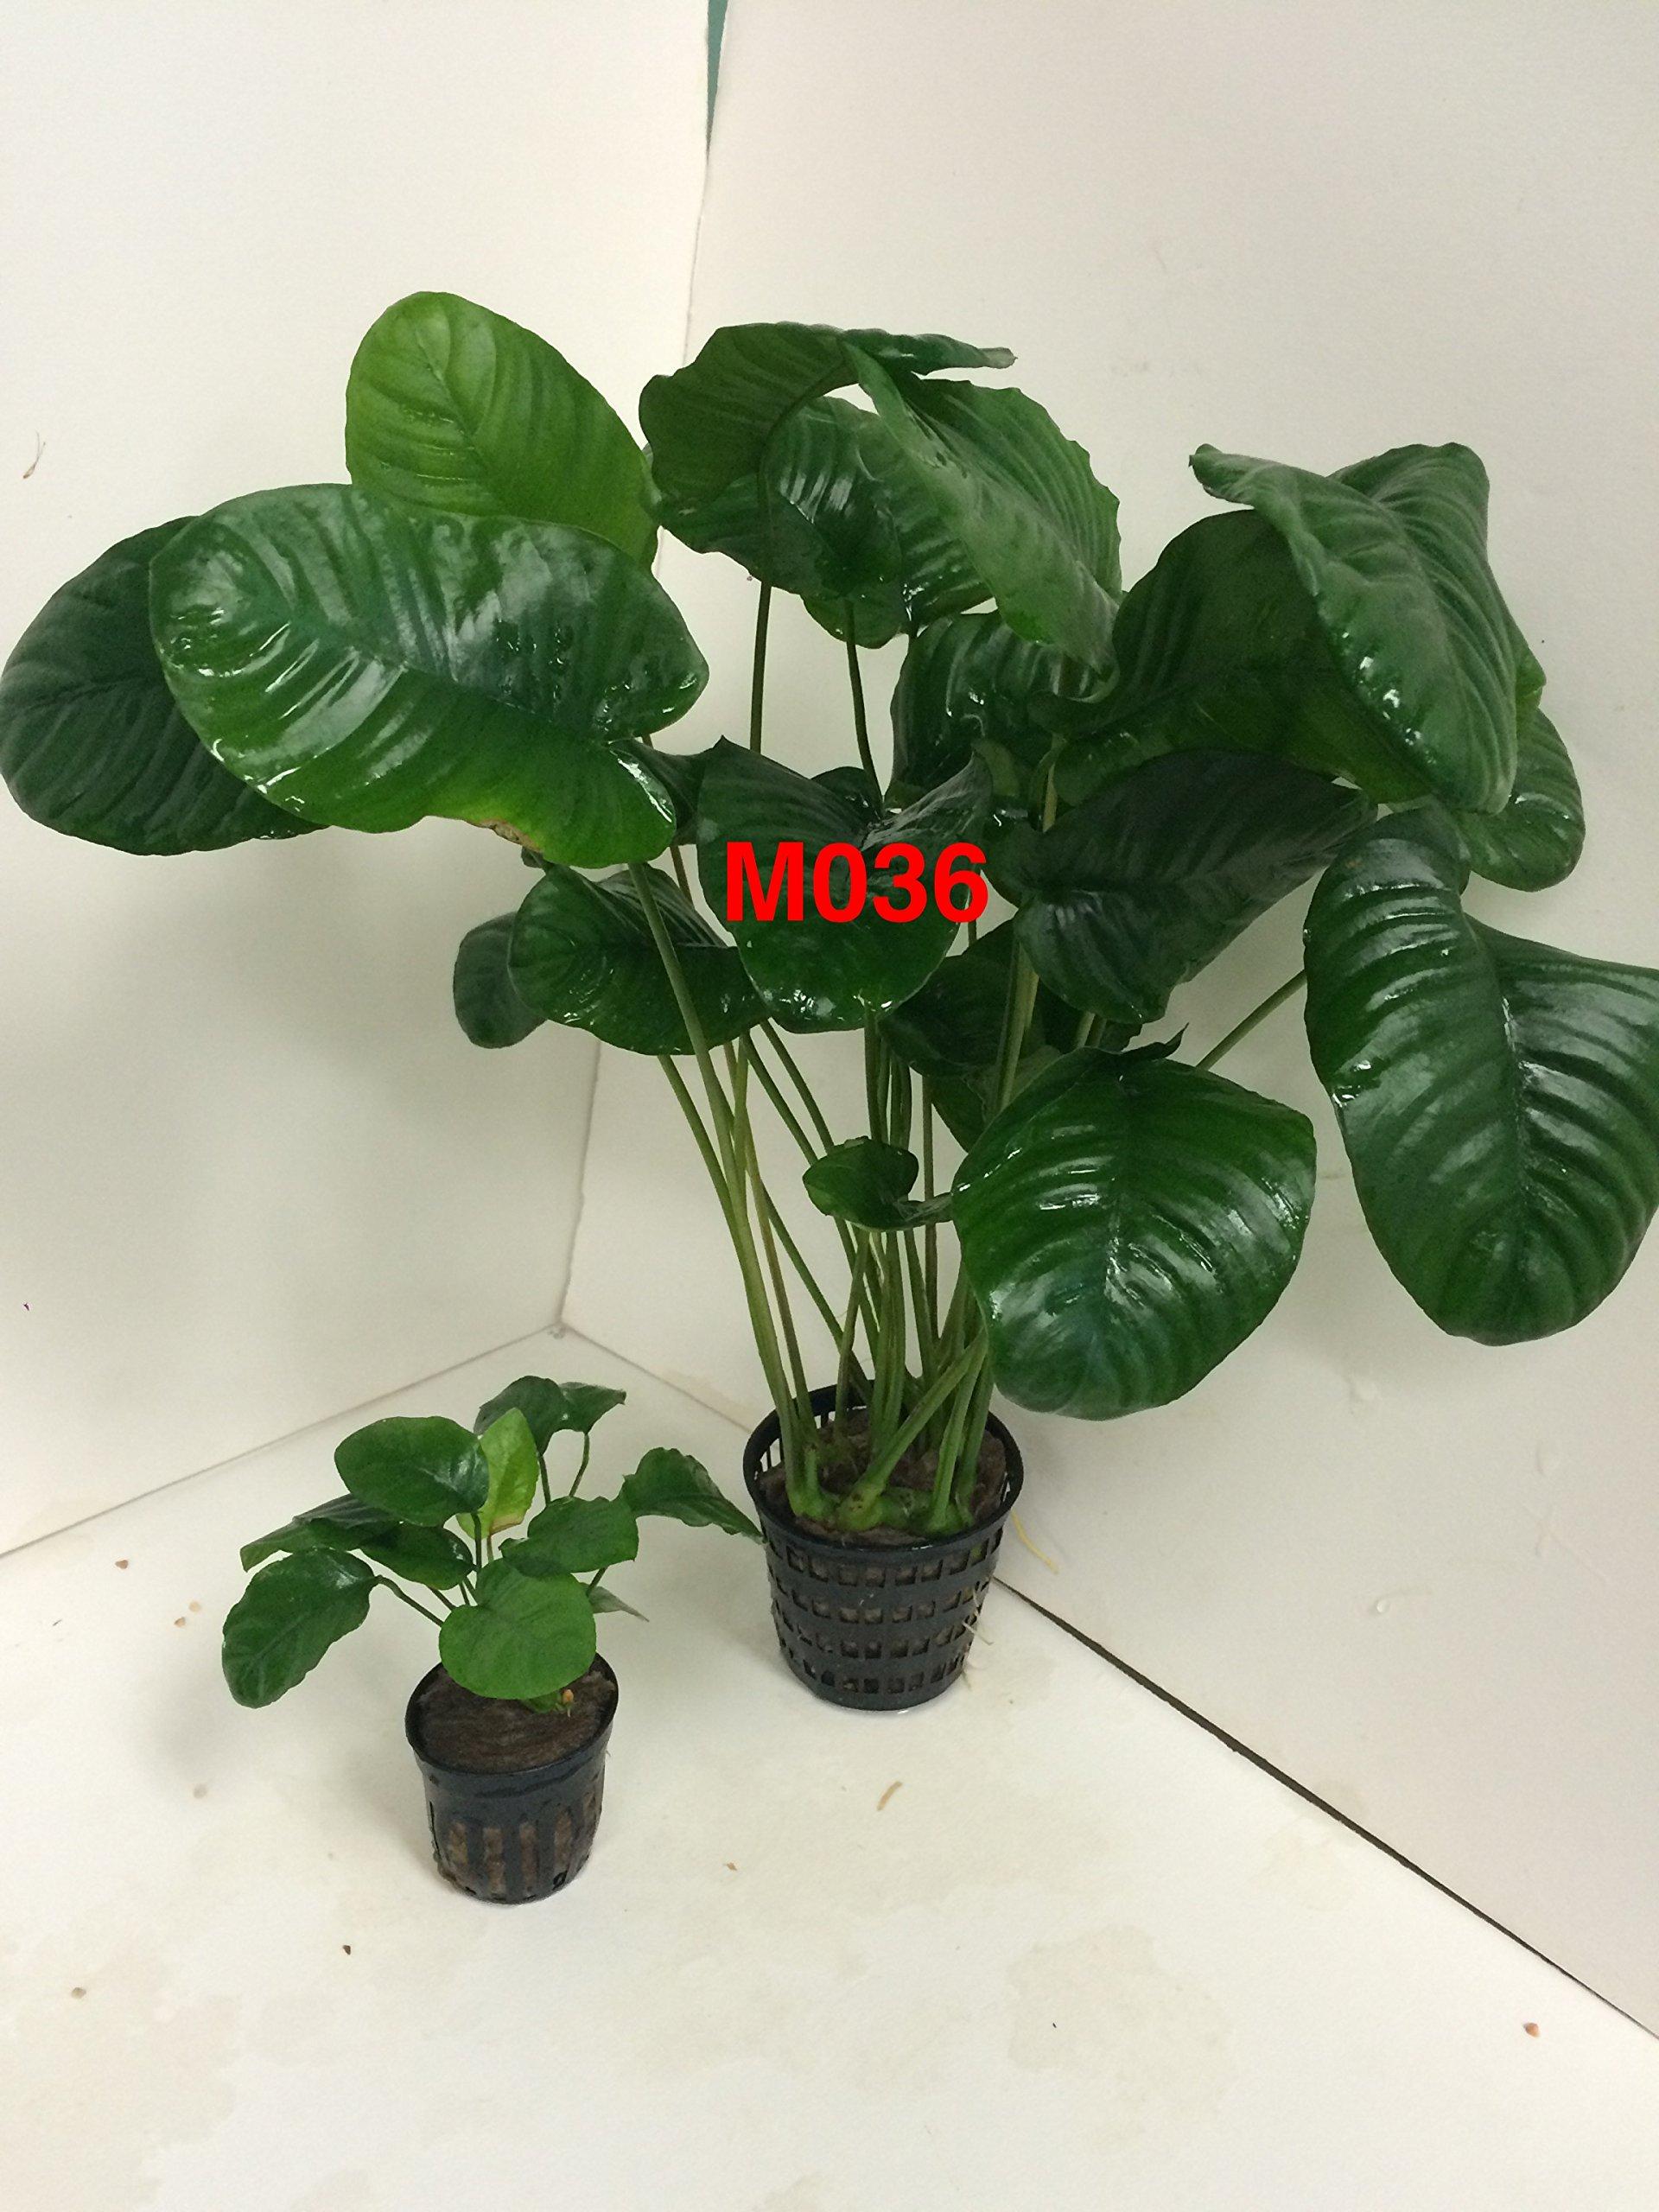 Anubias barteri 'wrinkle leave' Mother Pot Plant M036 Live Aquatic Plant